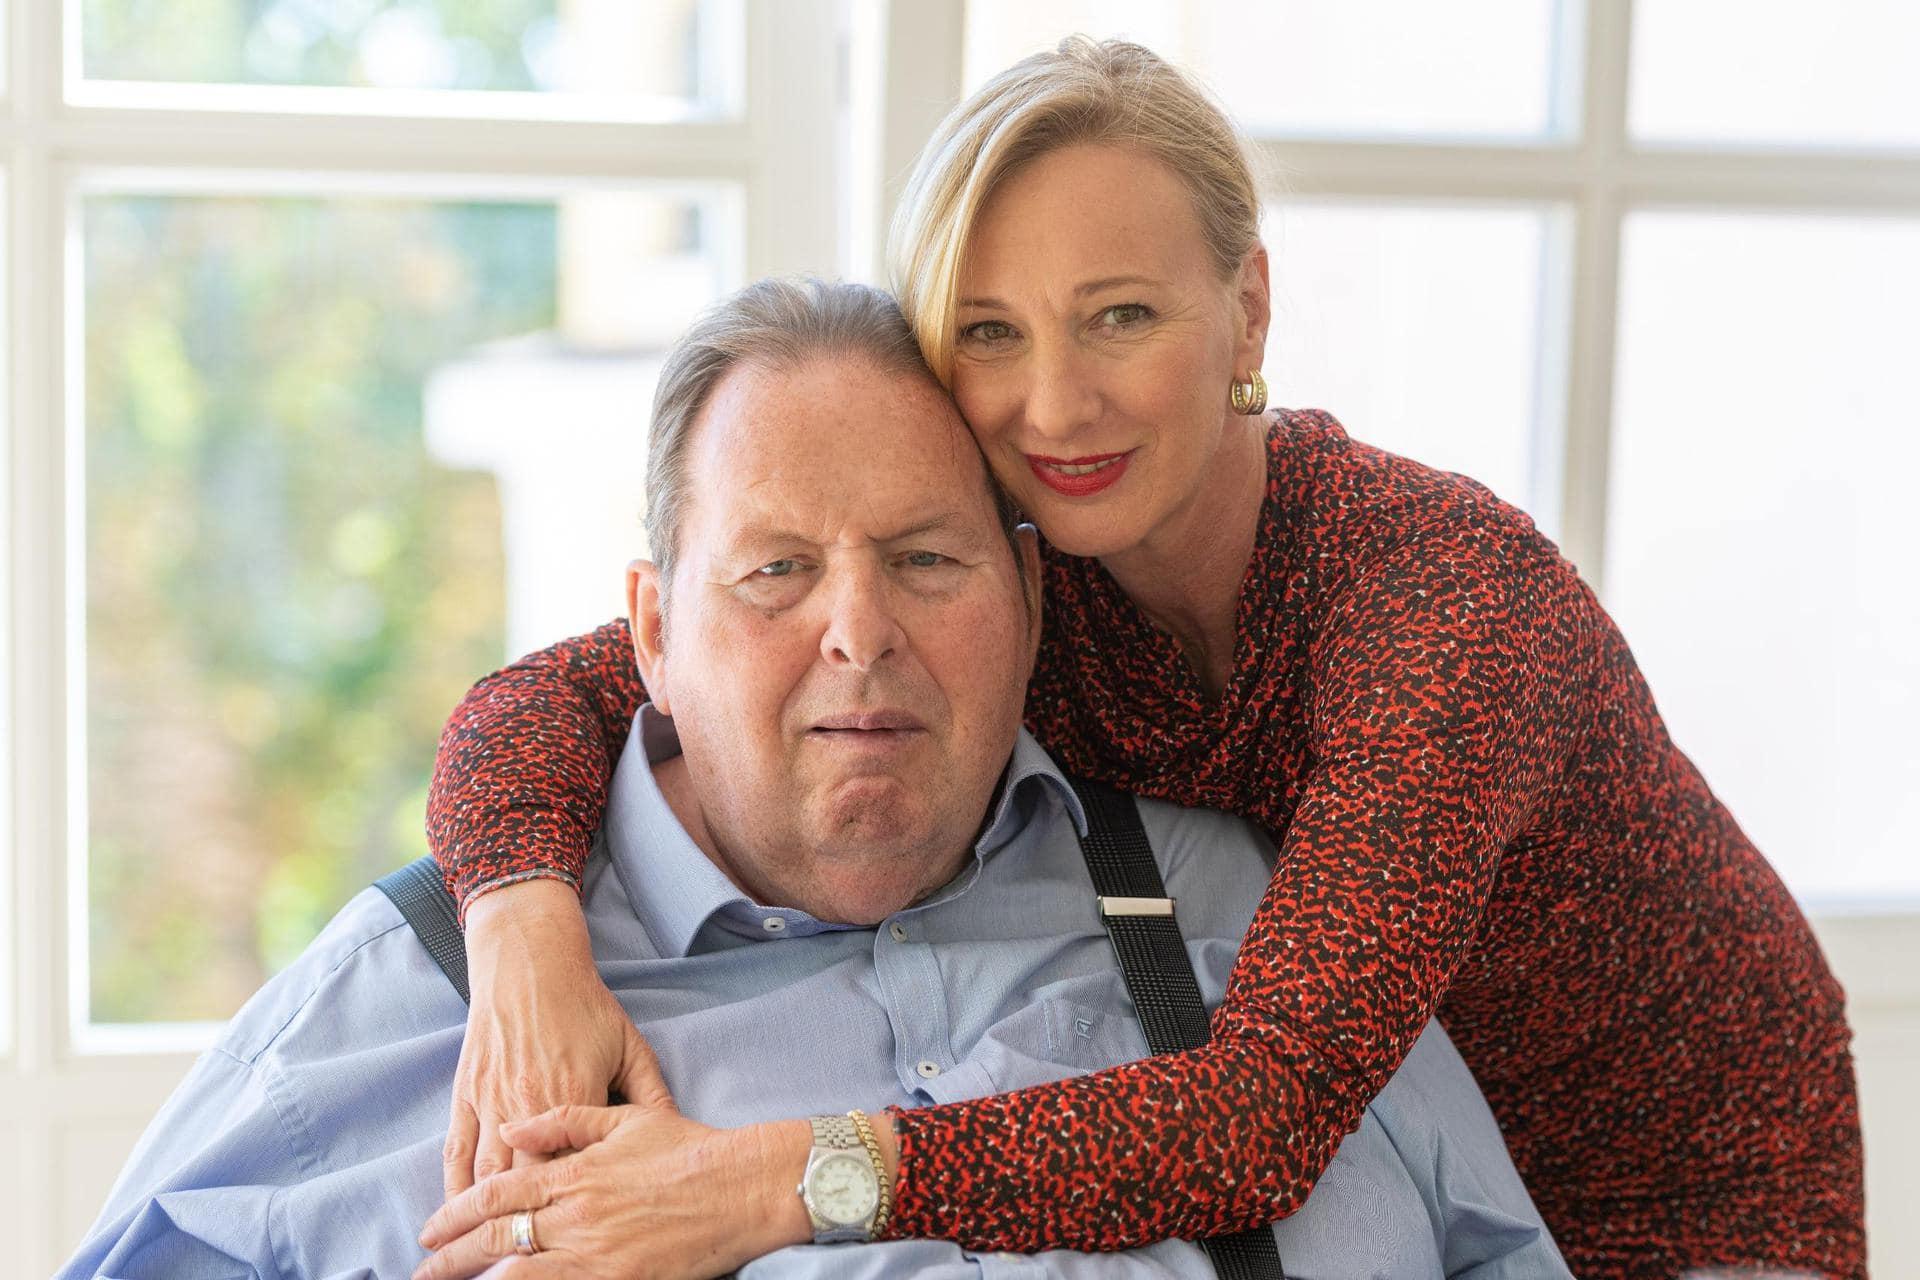 Ottfried Fischer verschiebt die kirchliche Hochzeit Wegen Pandemie